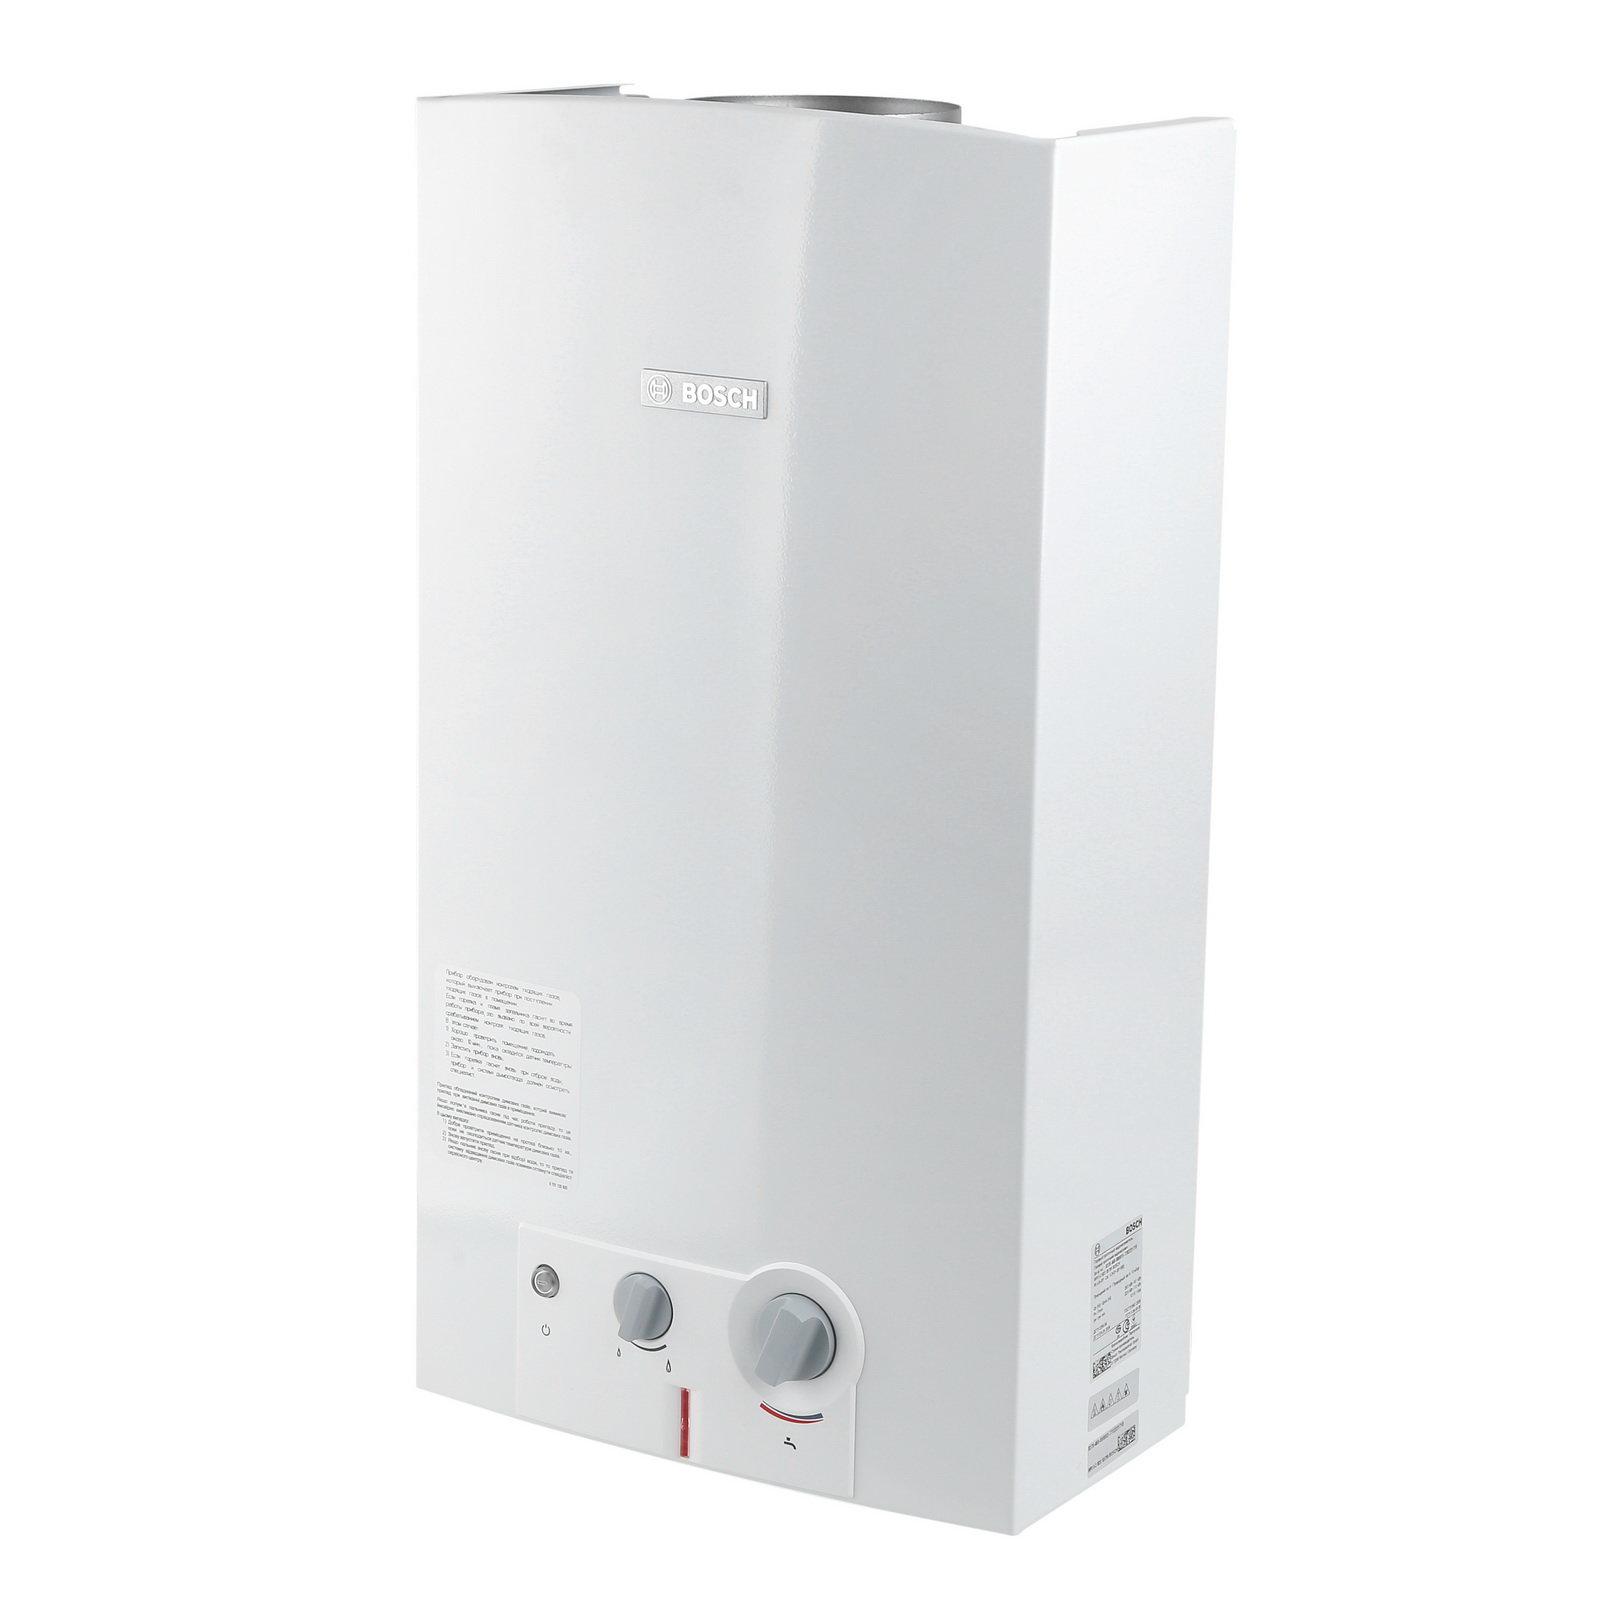 Газовая колонка Bosch Wr13-2 b23